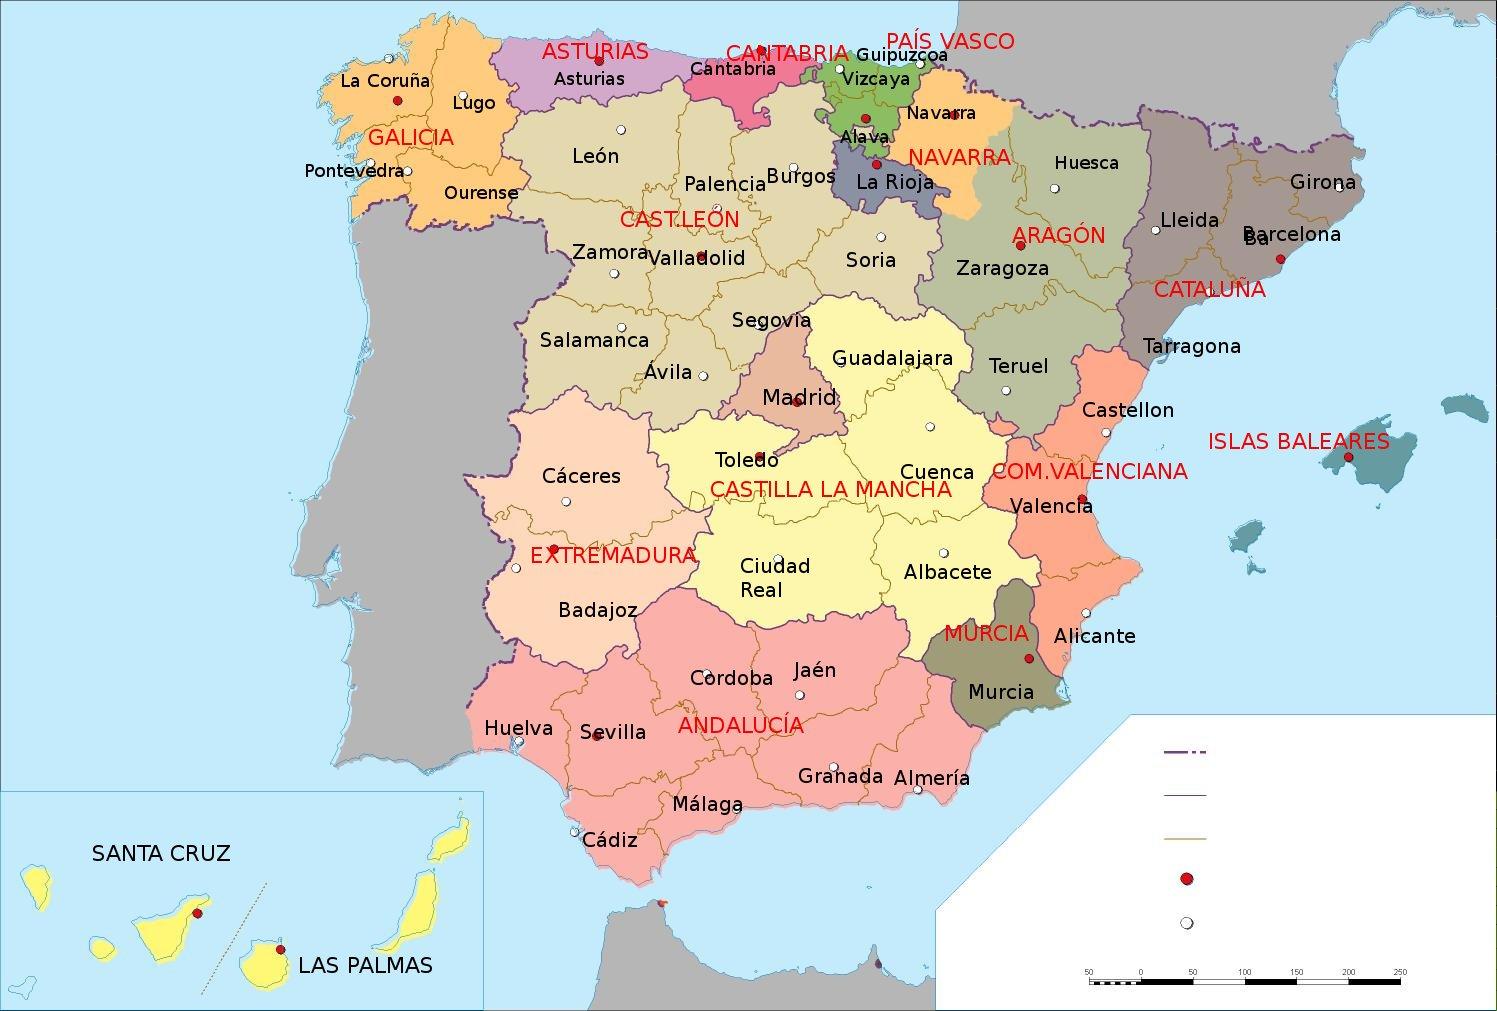 Mapa Politico De España Mudo Vicens Vives.Mapa Politico Espana Para Colorear Mapa Poltico De Espaa